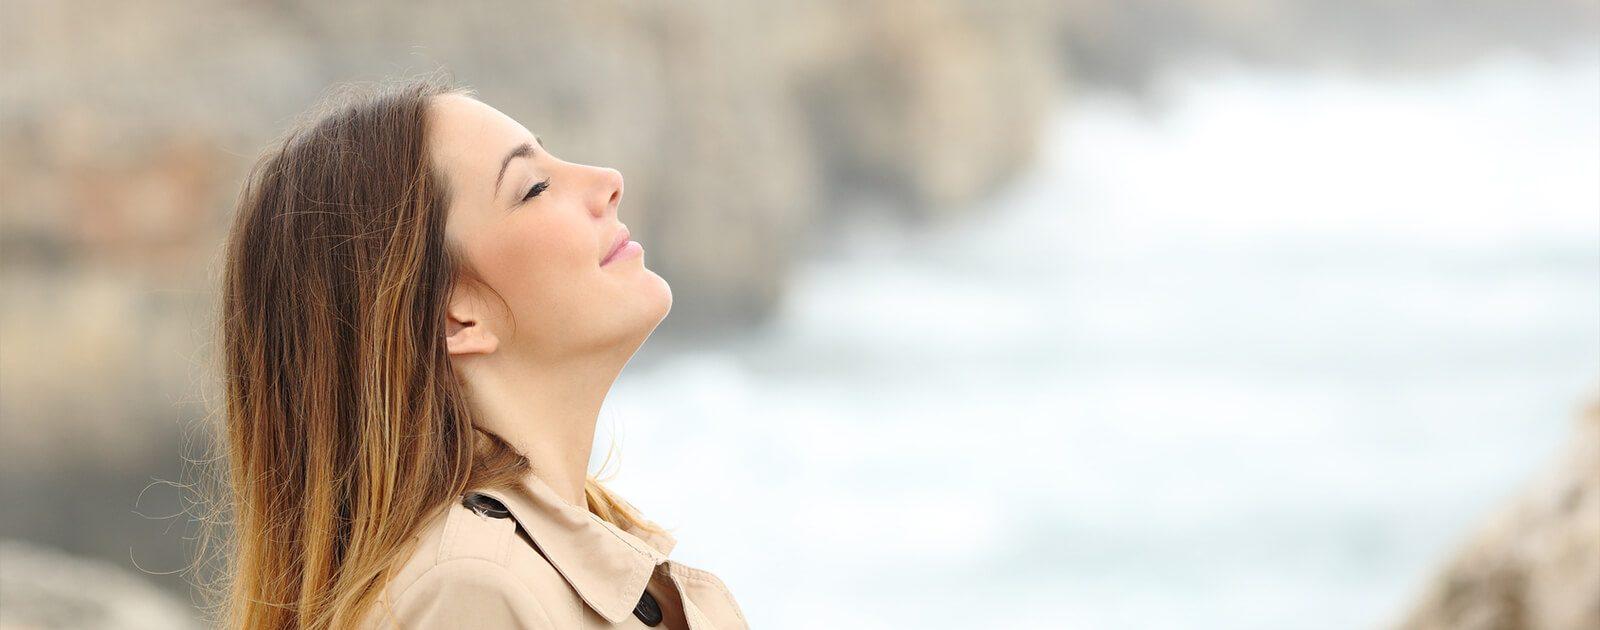 Beim Ein- und Ausatmen gelangen auch Krankheitserreger in den Körper.